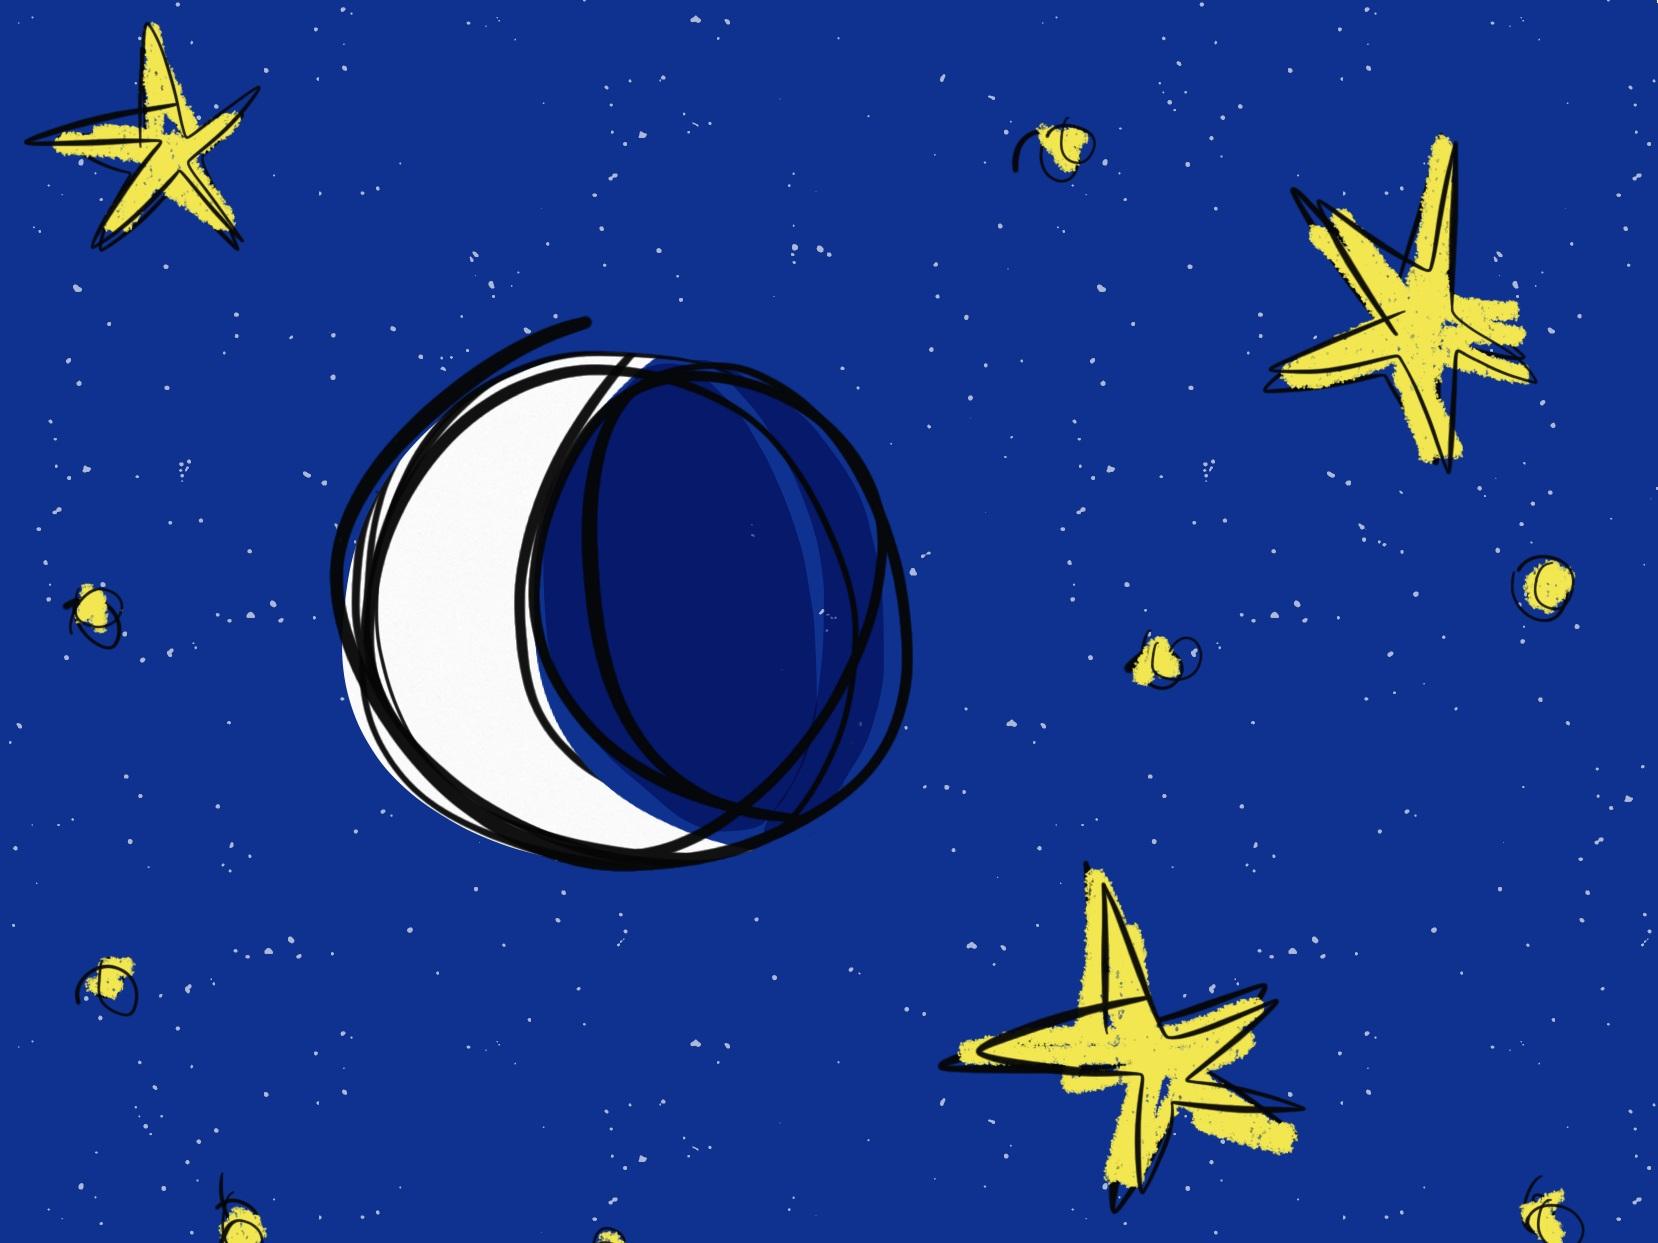 moon-1751987.jpg